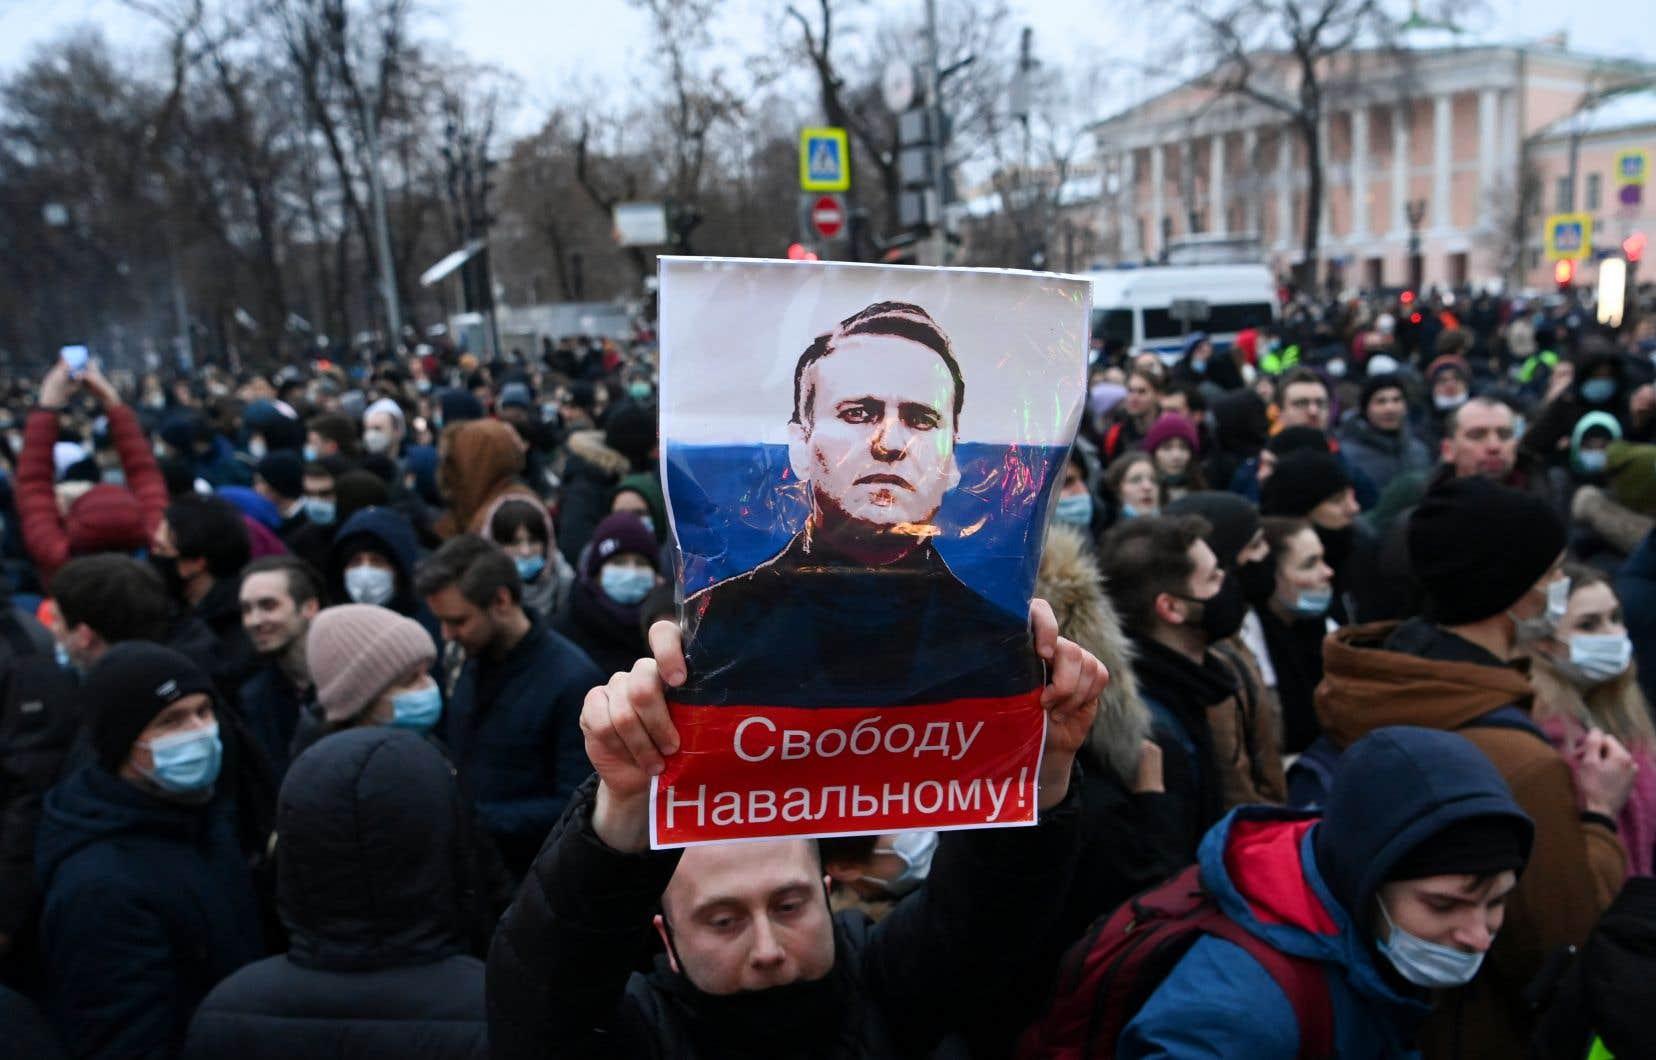 Outre les dizaines de milliers de manifestants rassemblés samedi, Alexeï Navalny peut se targuer d'avoir réuni 86 millions de vues sur YouTube en moins d'une semaine en accusant Vladimir Poutine de s'être fait bâtir un fastueux palace en bord de mer.